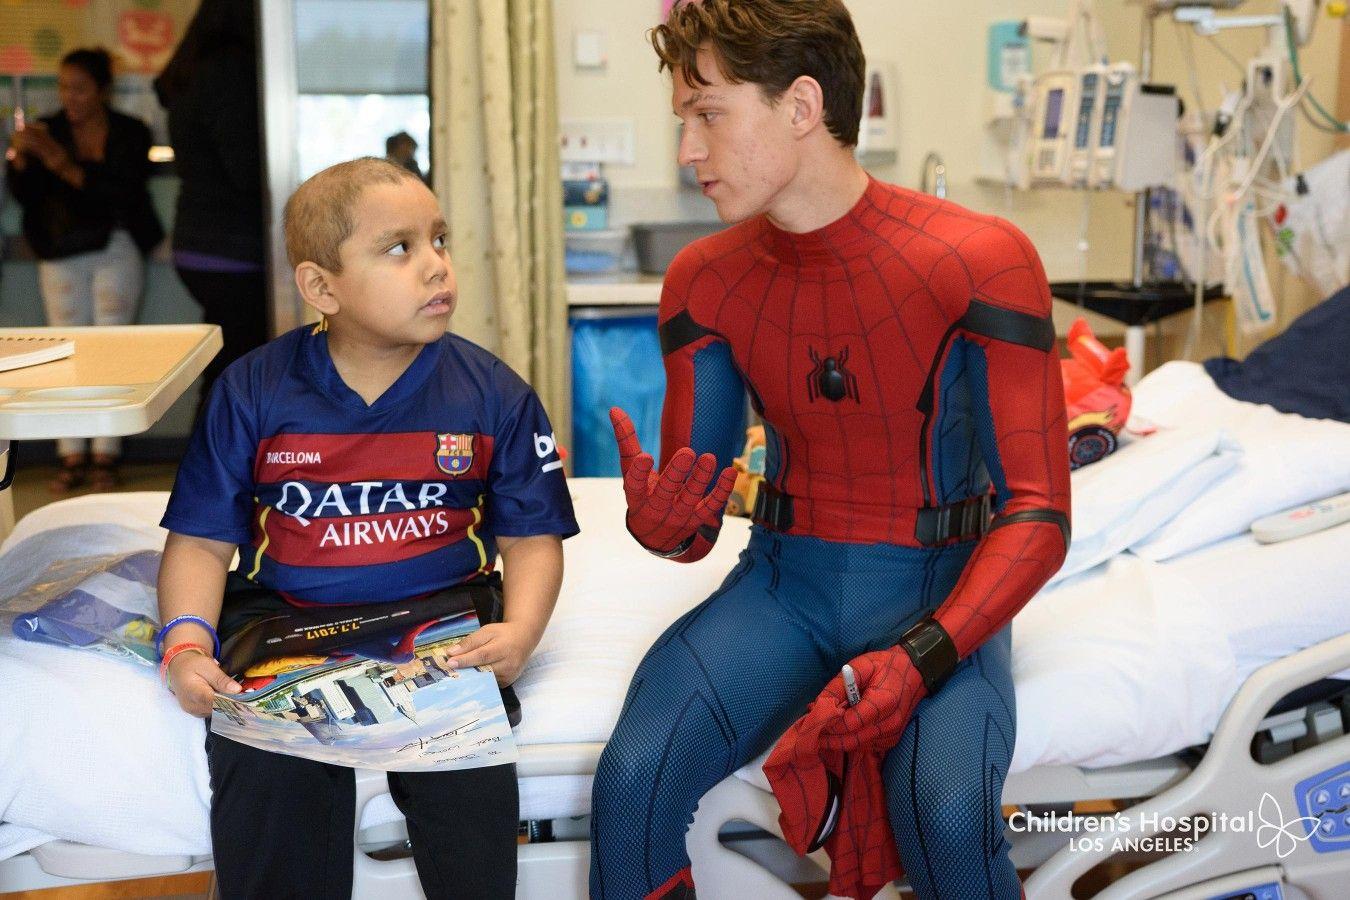 Tom Holland at Children's Hospital Los Angeles (3/6) | Tom holland, Tom holland spiderman, Tom holland peter parker